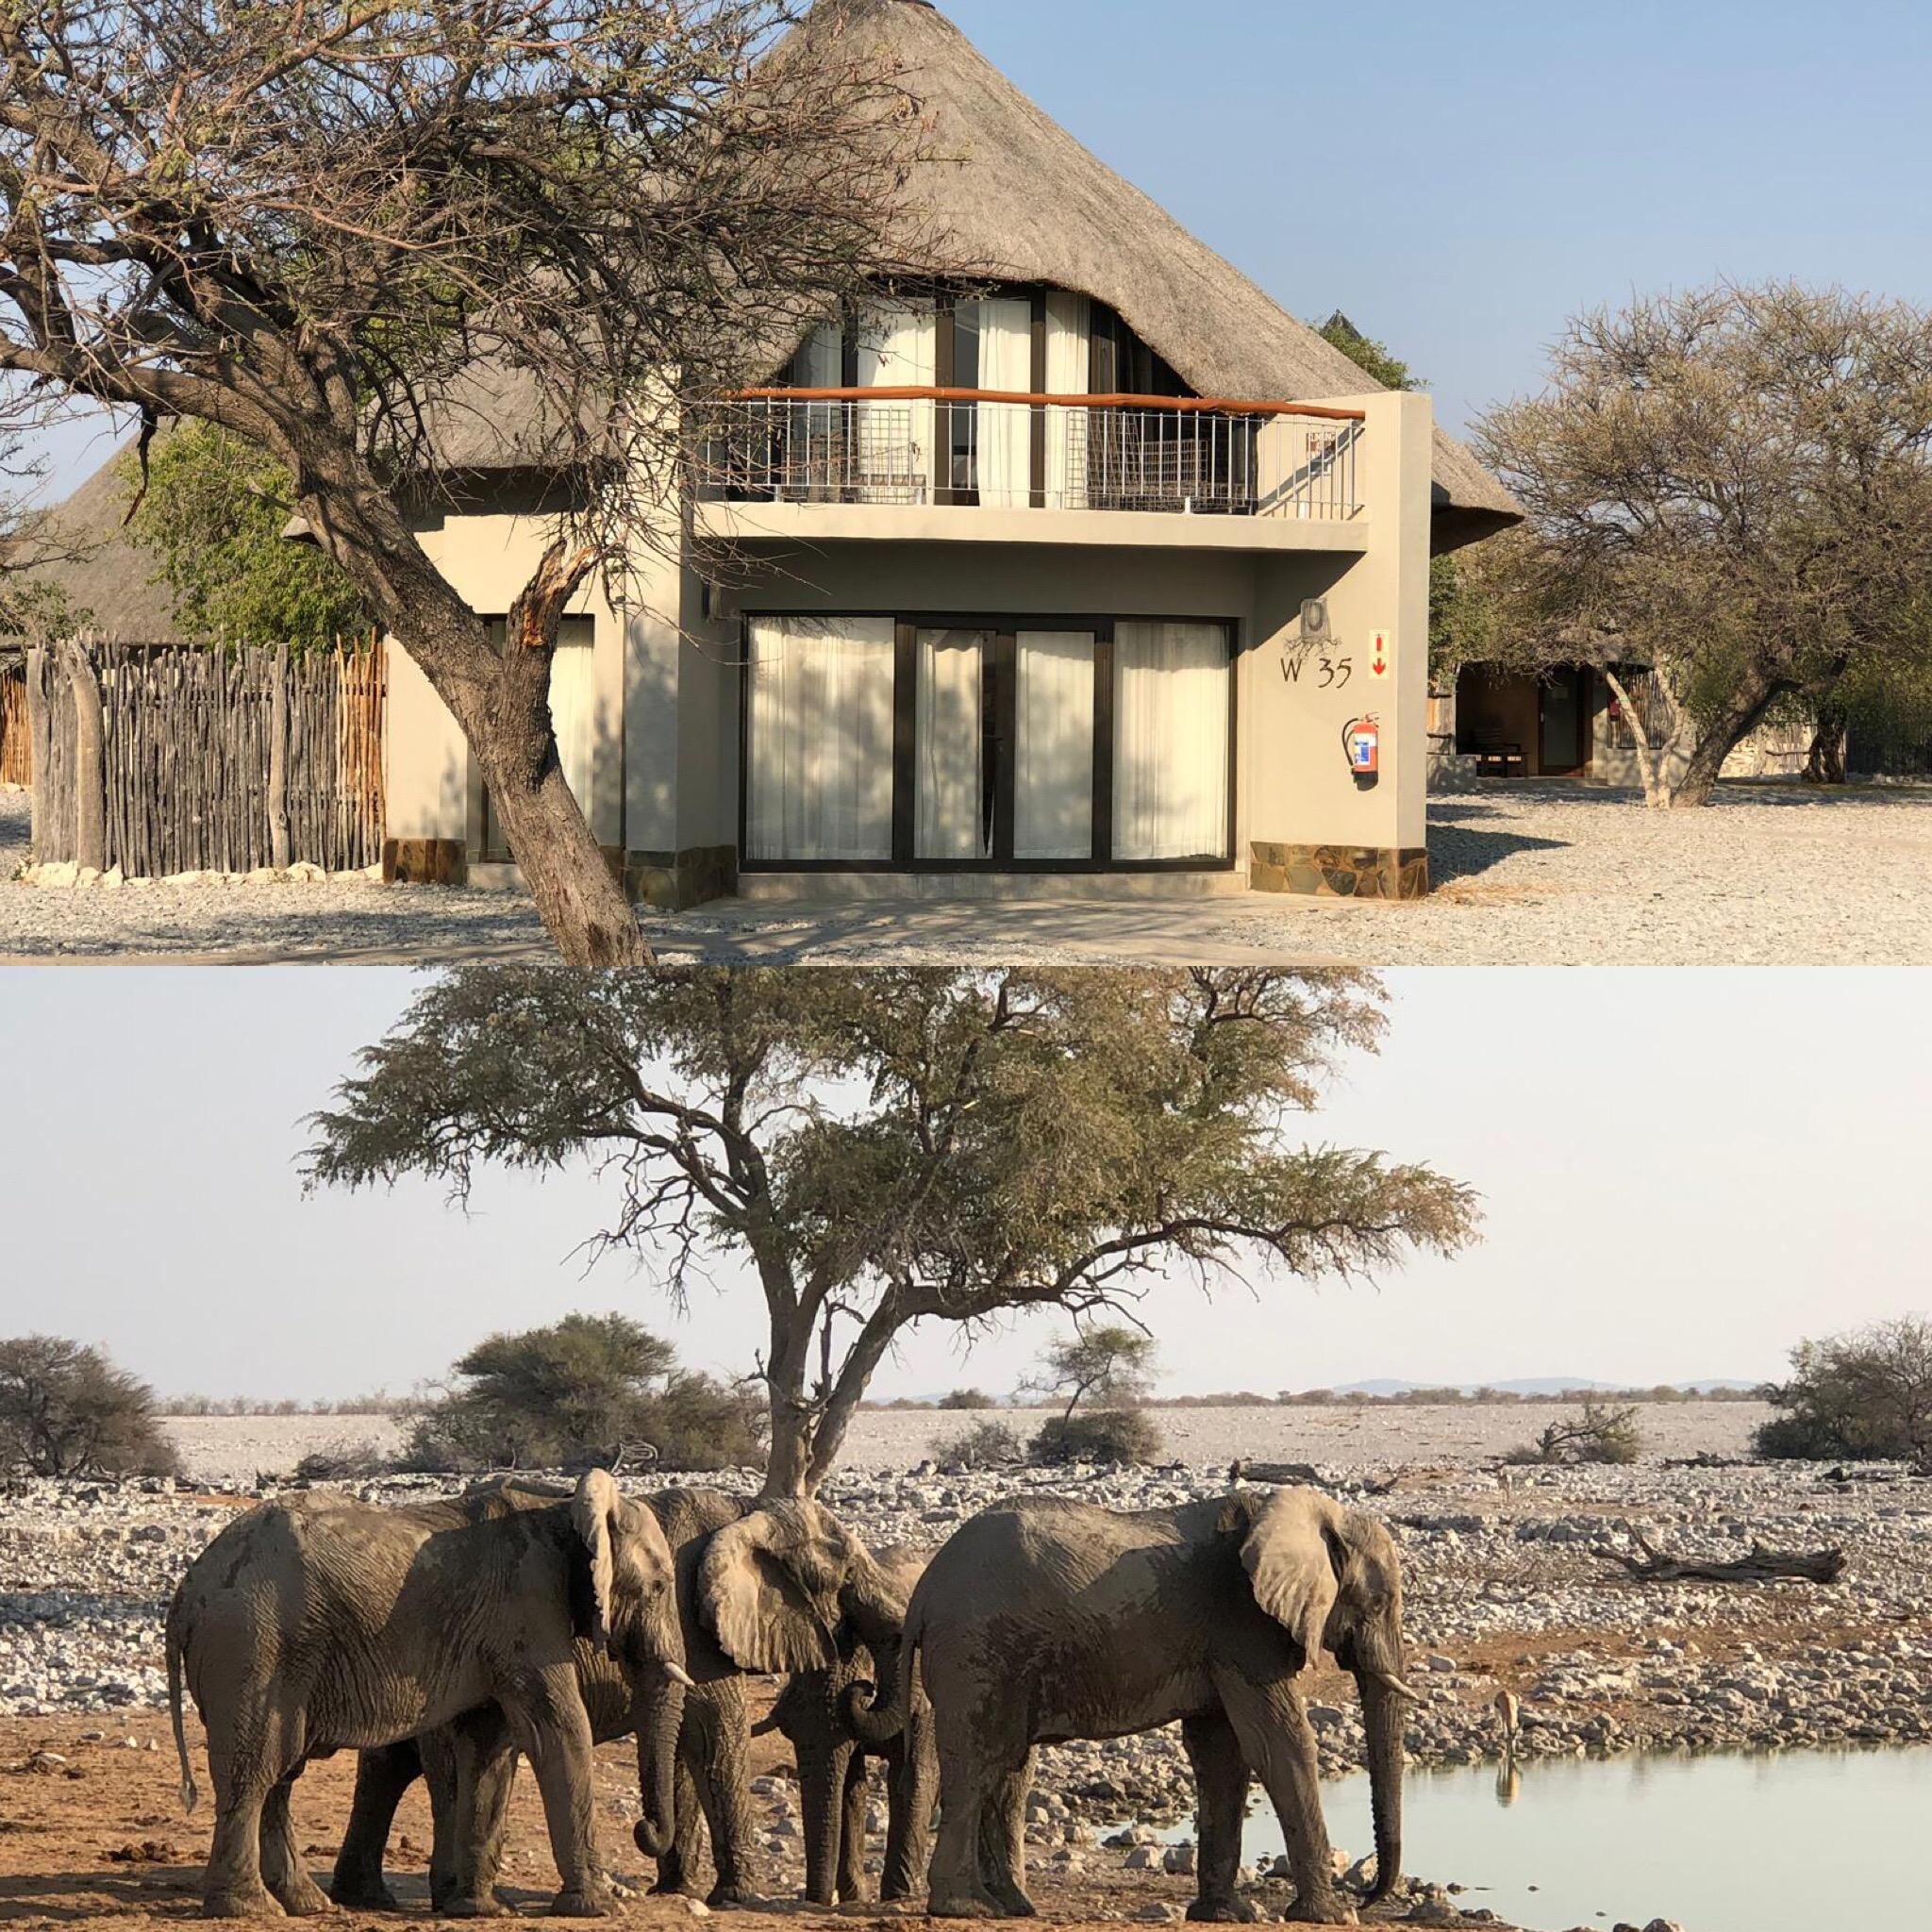 Elefanten und Lodge in Namibia